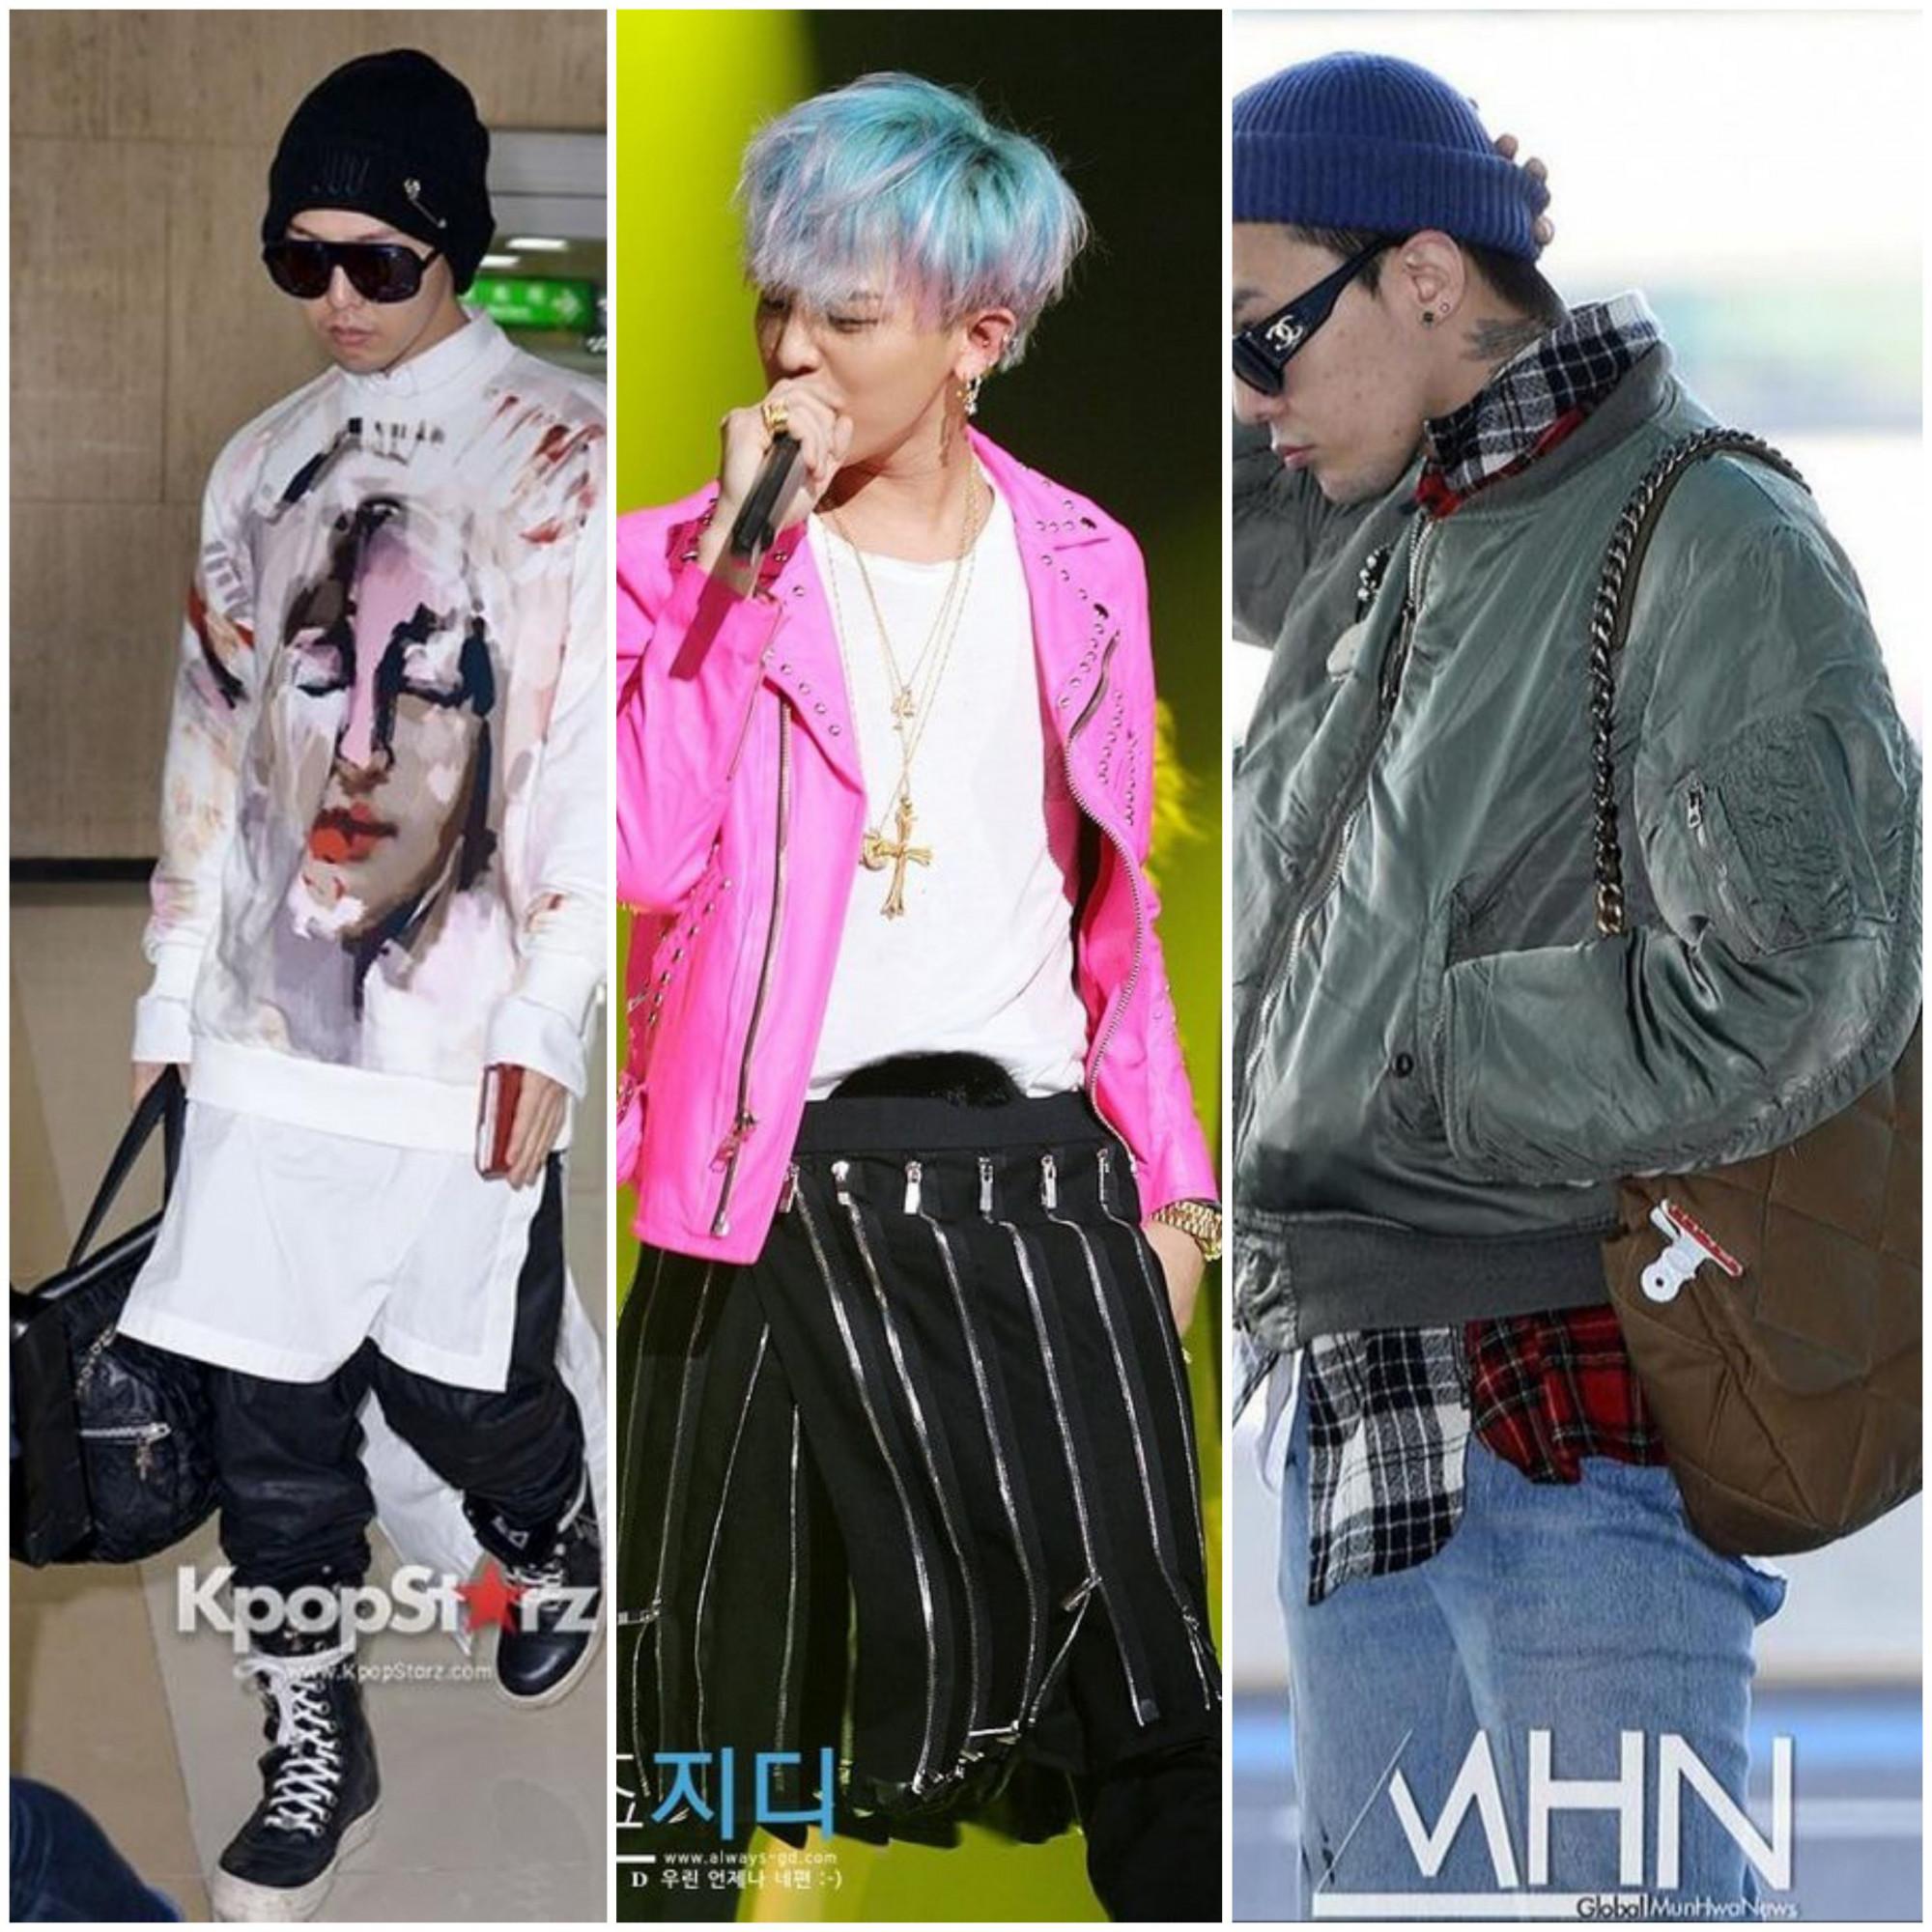 Trưởng nhóm Bigbang nhiều lần diện túi xách và trang phục nữ trong các sự kiện.